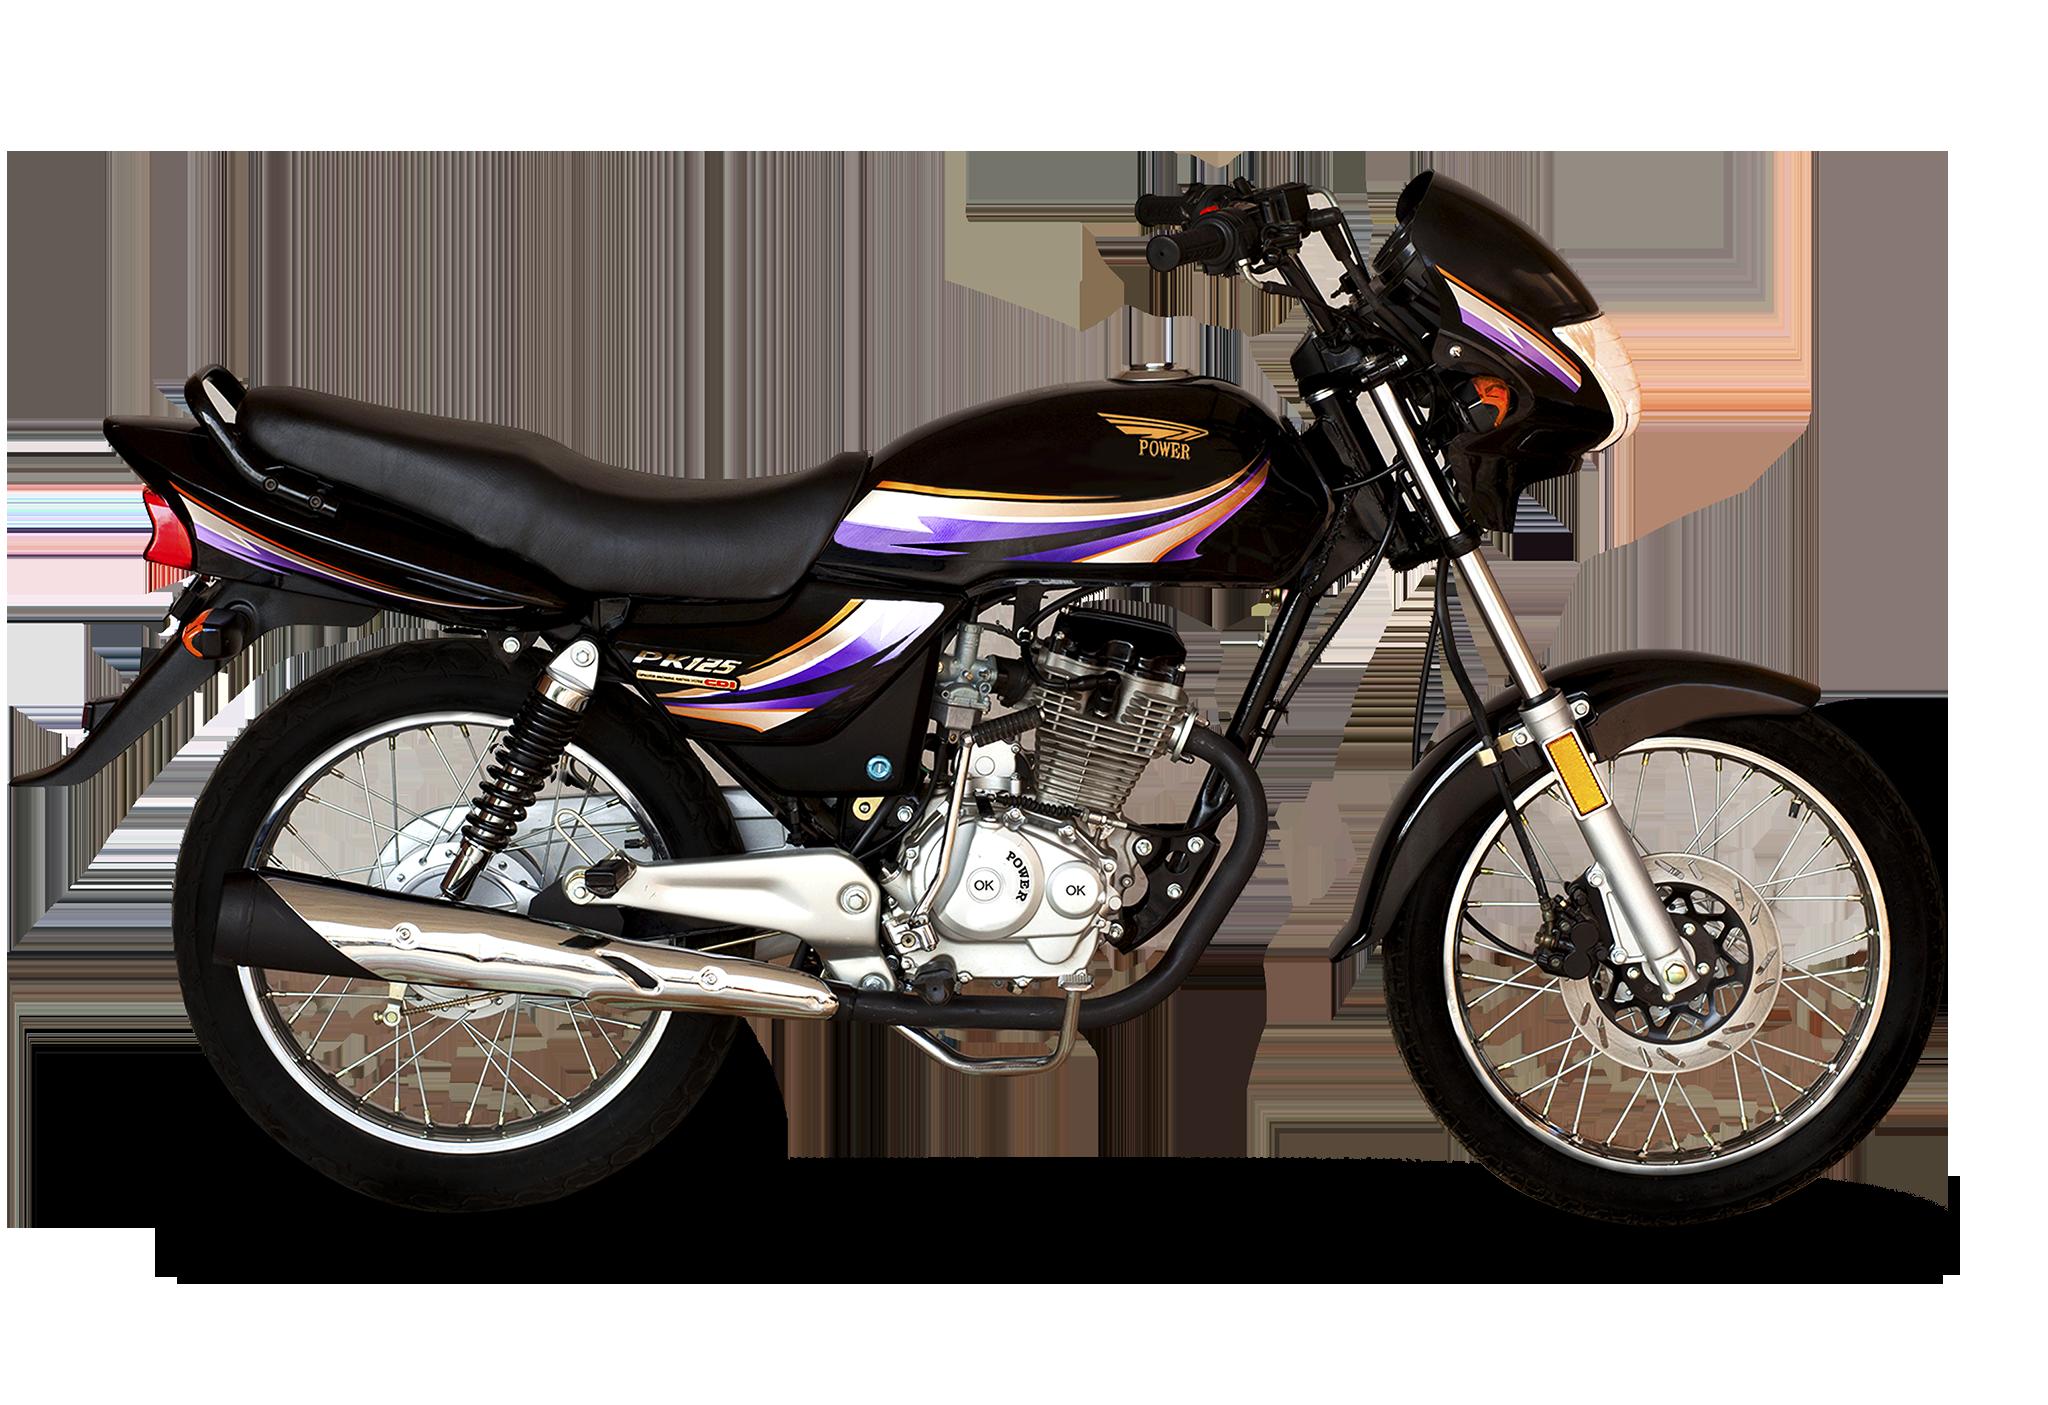 power 125cc deluxe black